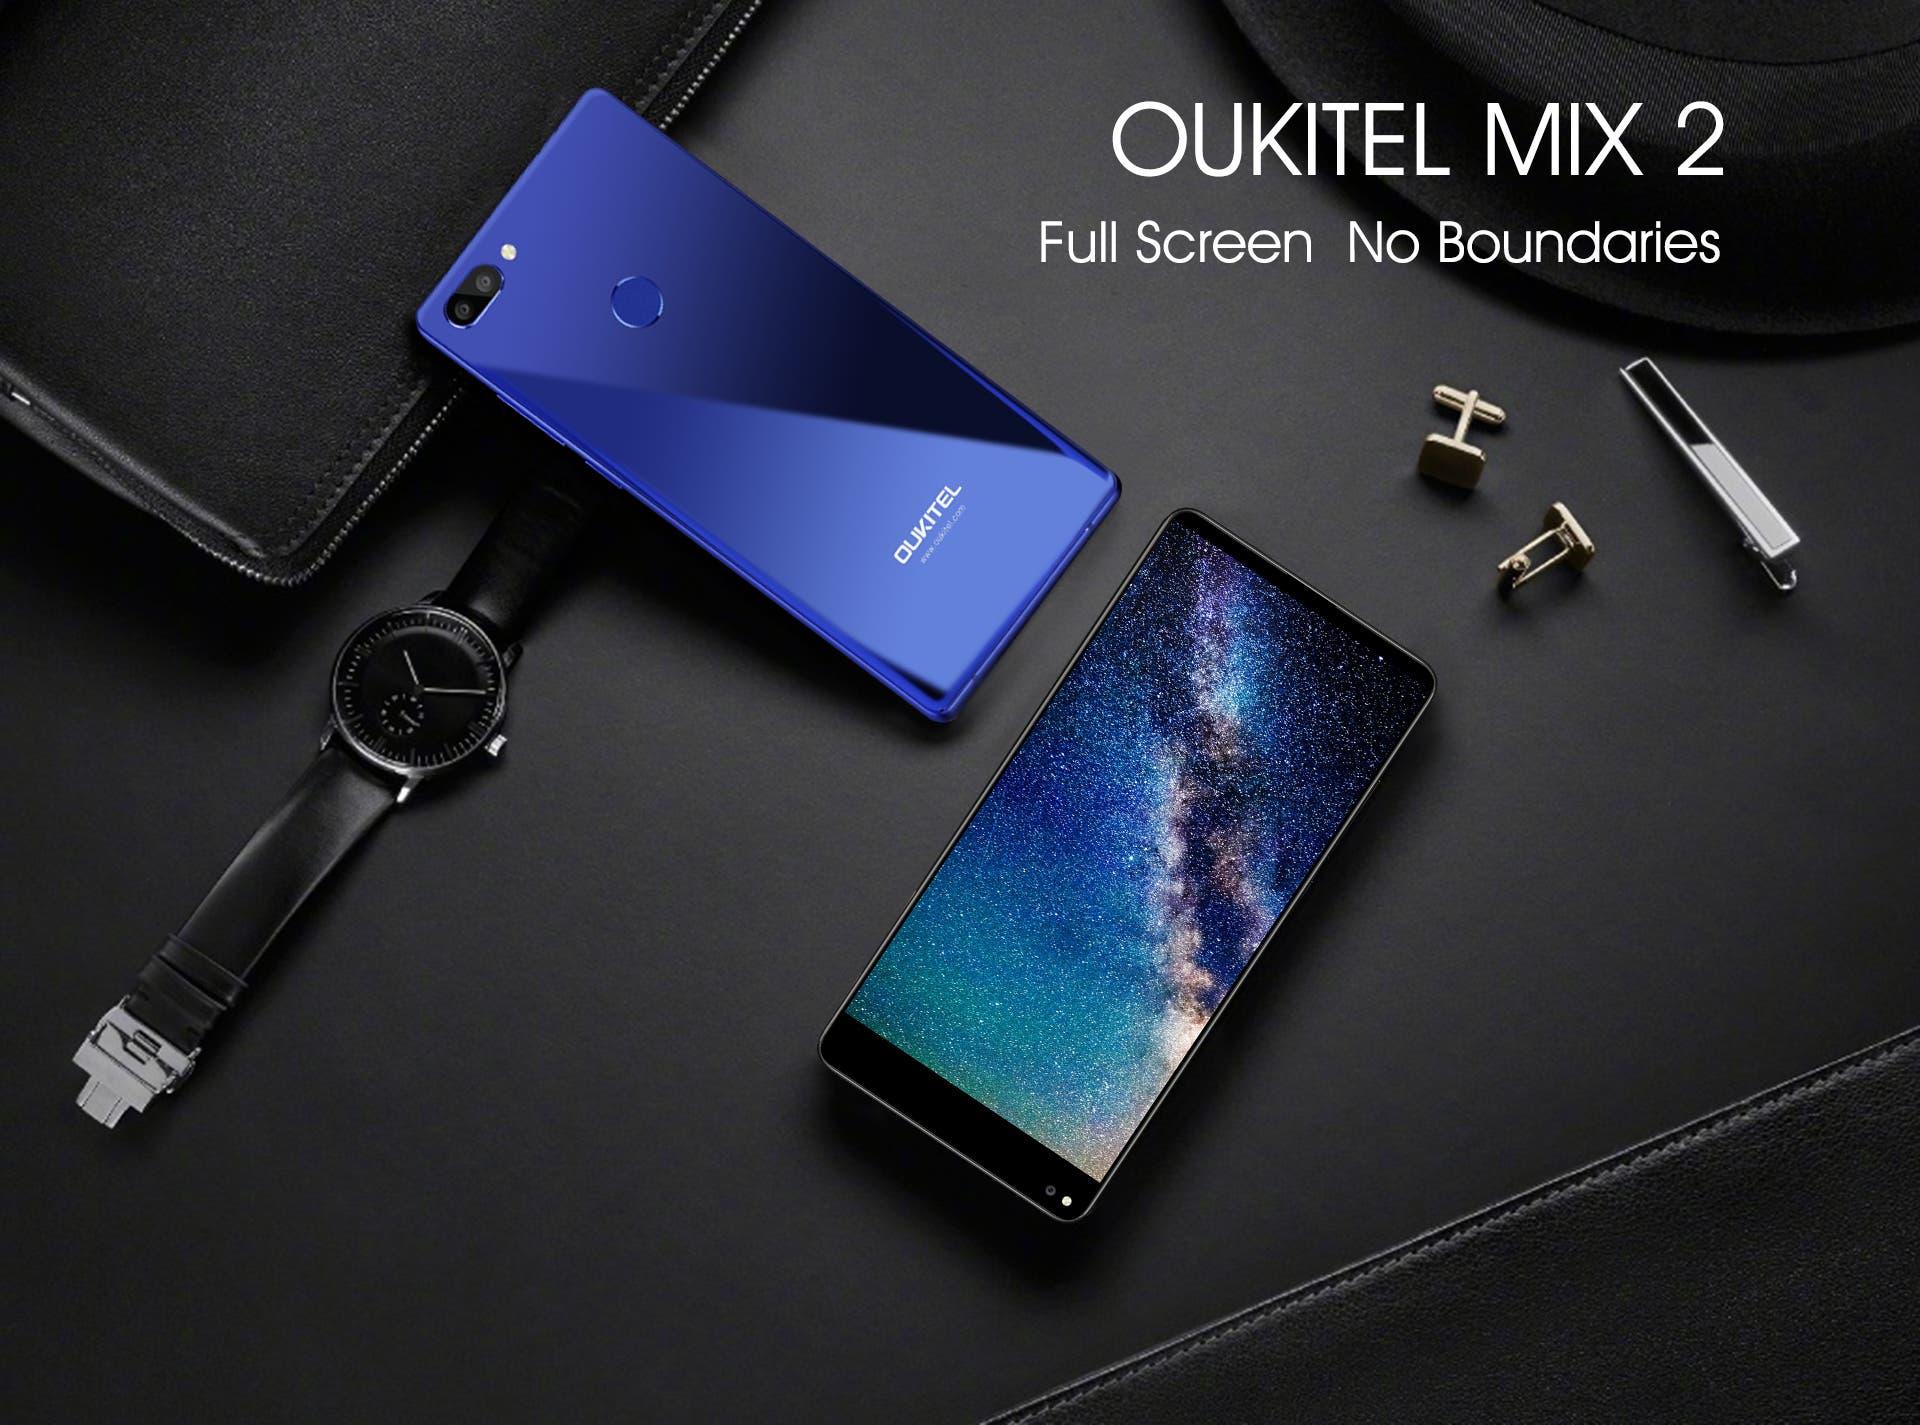 Oukitel Mix 2